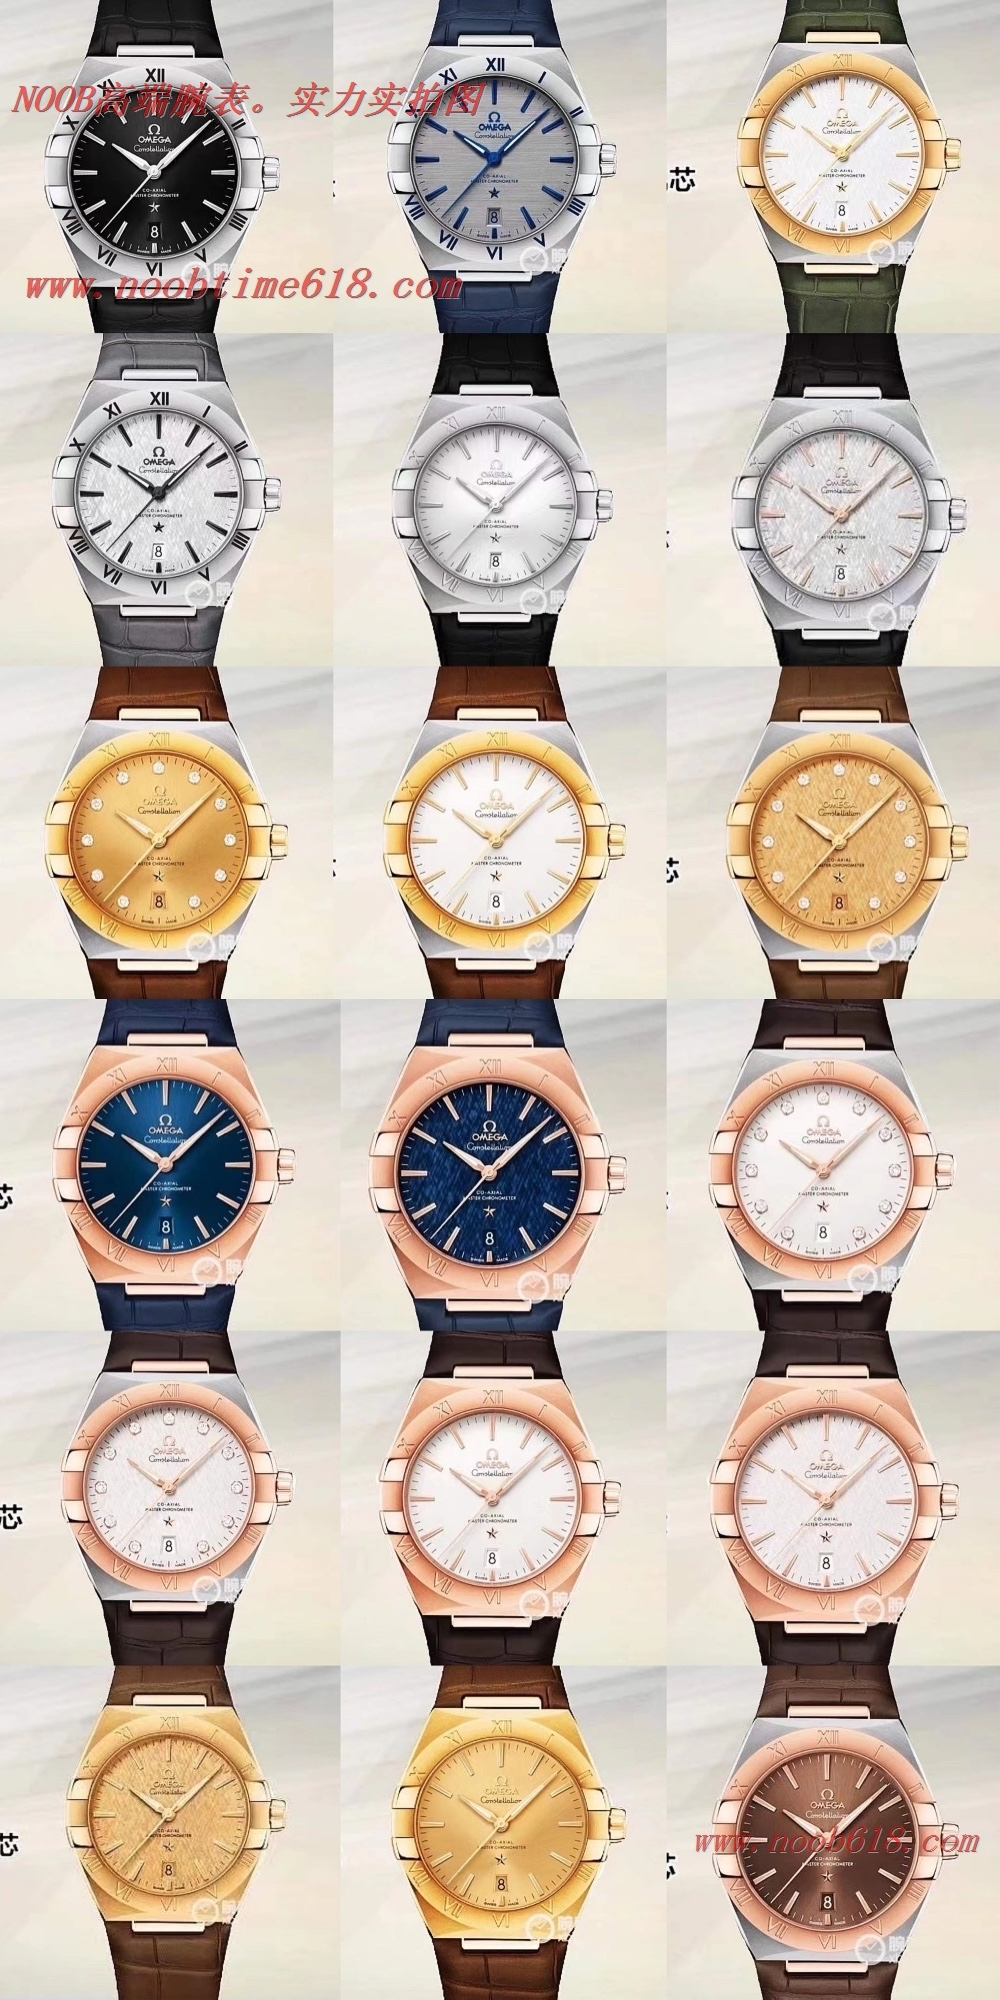 仿錶歐米茄OMEGA 第五代星座系列39MM,N廠手錶